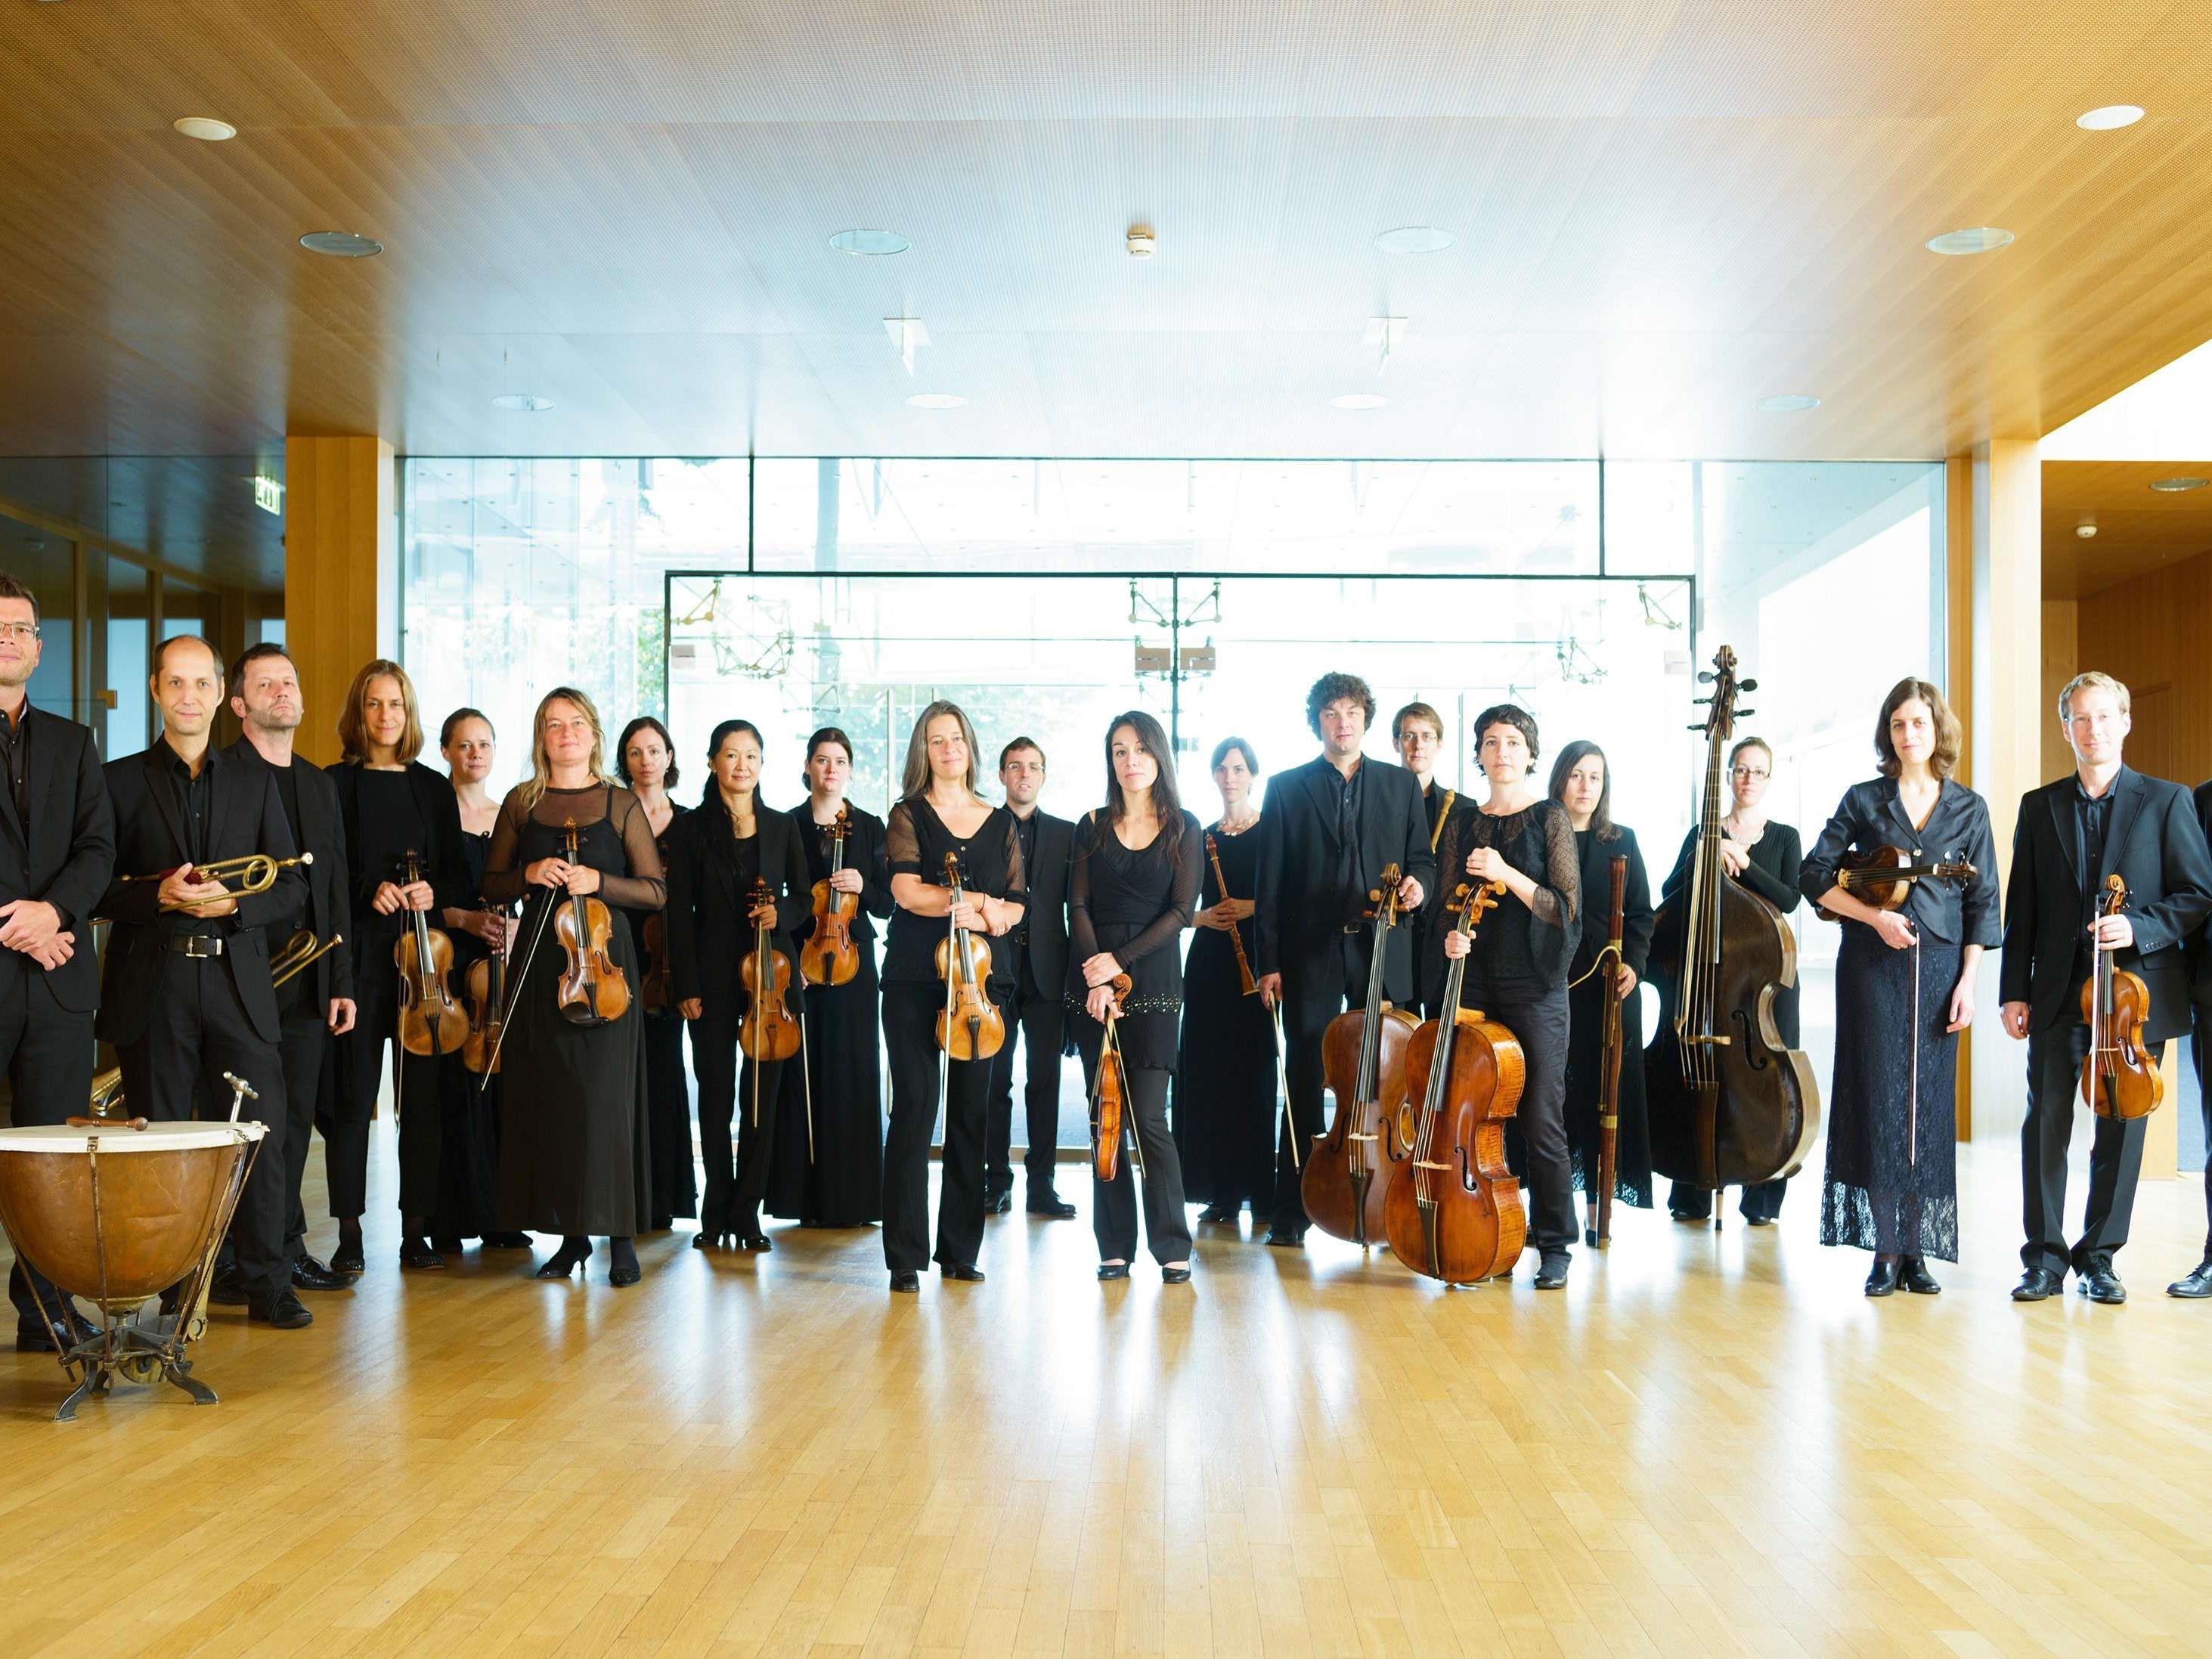 Das Concerto Stella Matutina gehört seit 2005 zu den führenden Originalklang-Ensembles Österreichs.